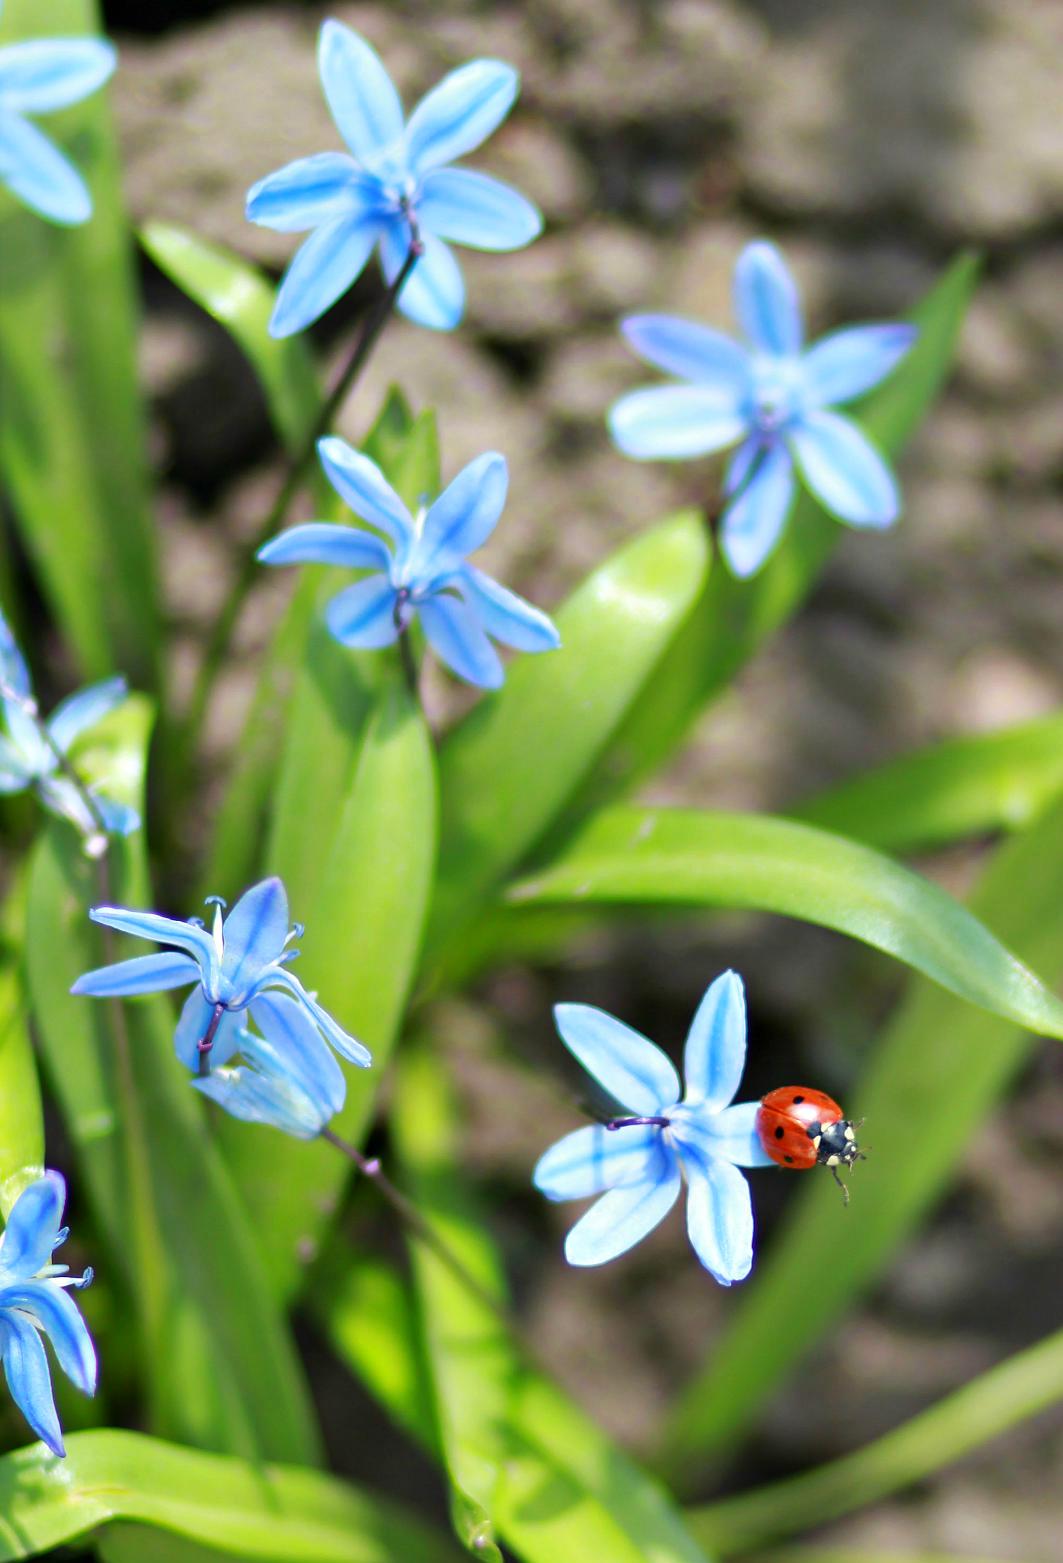 Весна идёт! Весне дорогу!. Блиц: весна идет!